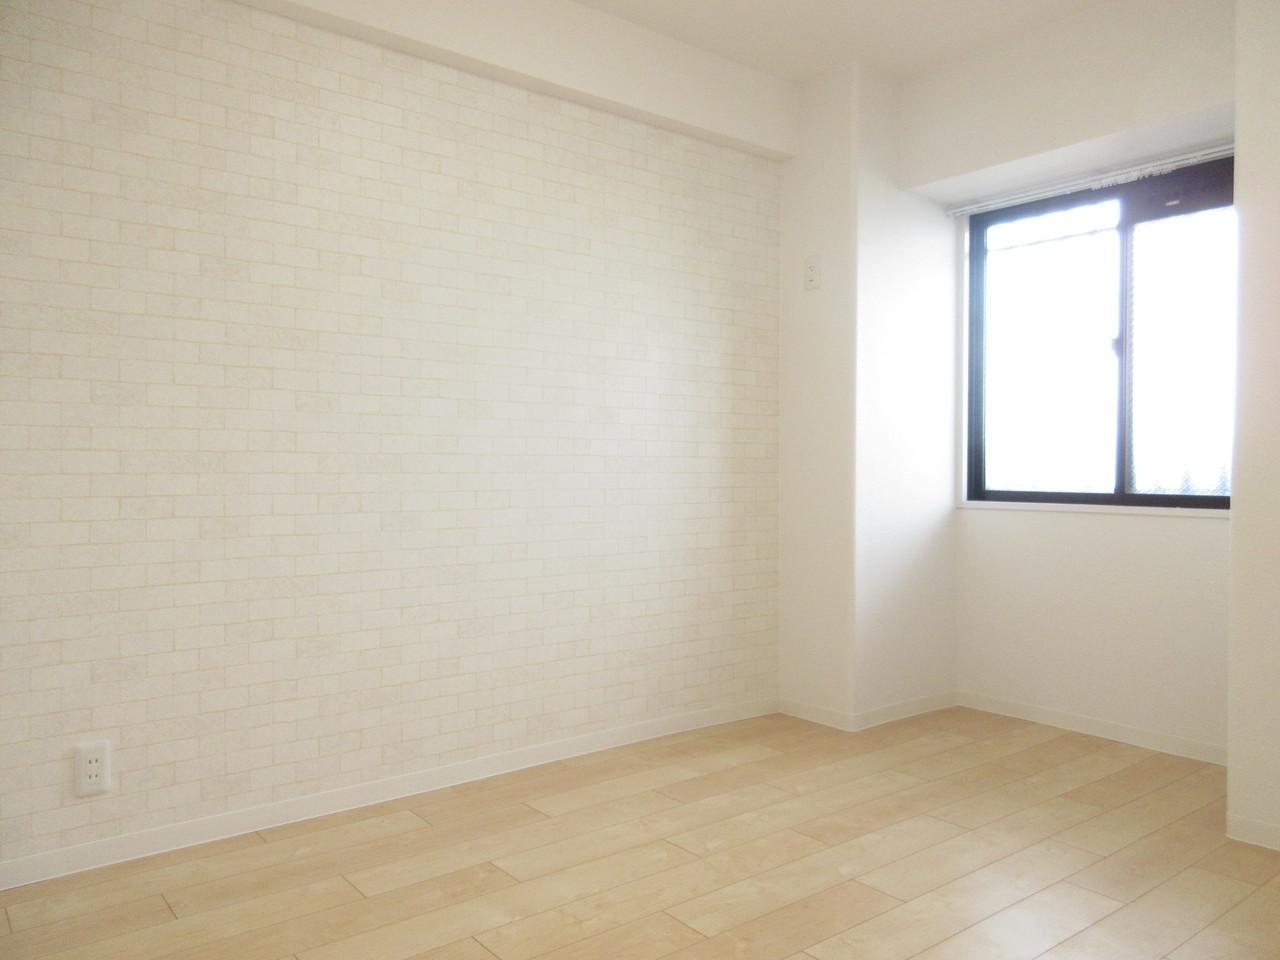 東側とはまた違った雰囲気の西側洋室はホワイトレンガ風♪明るいお部屋で気分も明るくなります(^^)